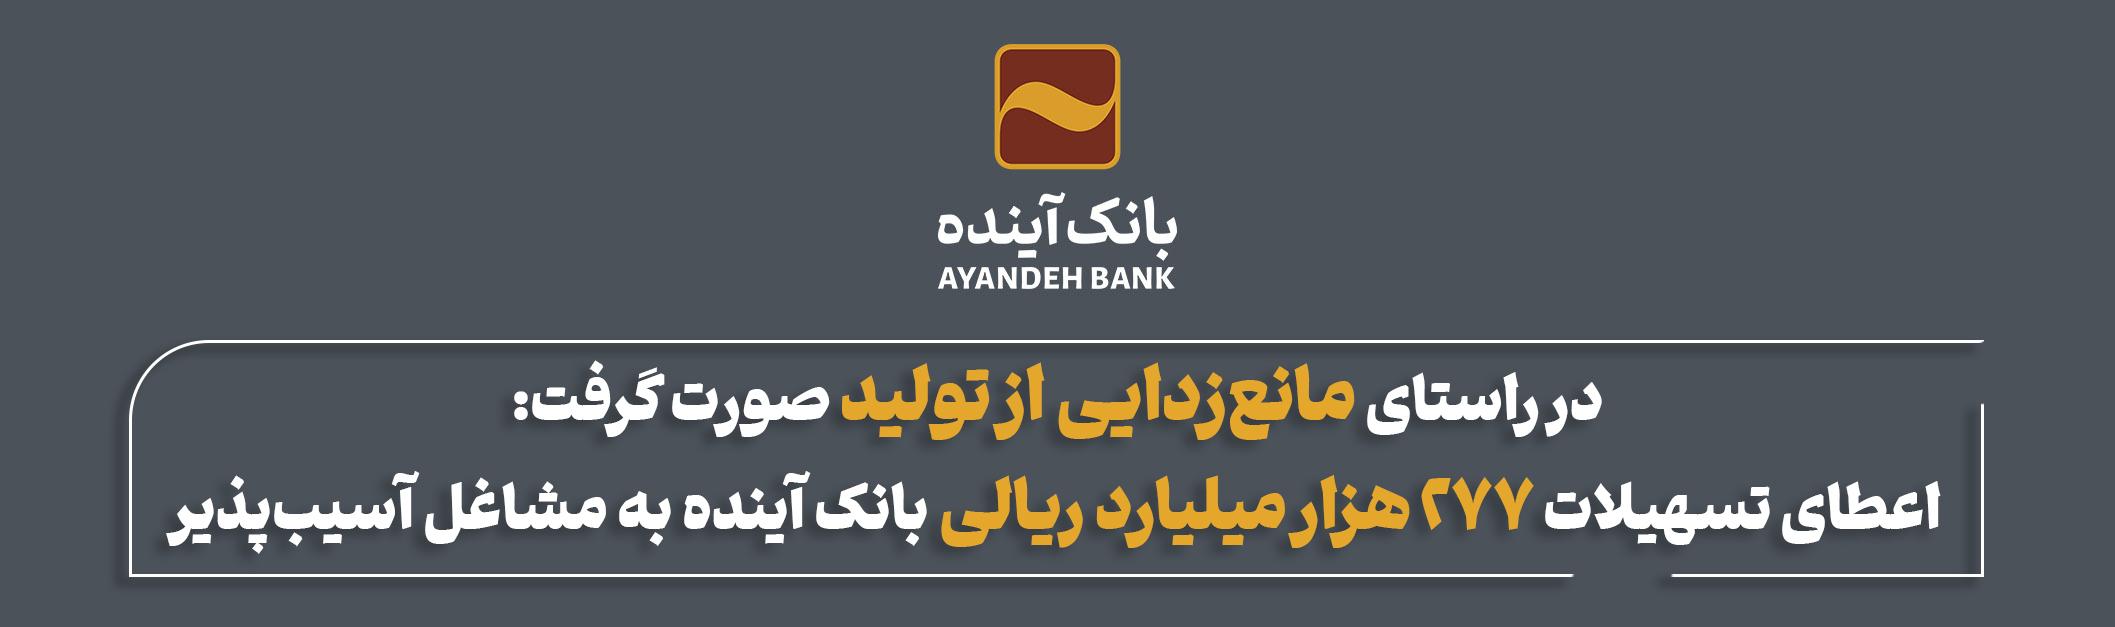 بانک آینده تسهیلات